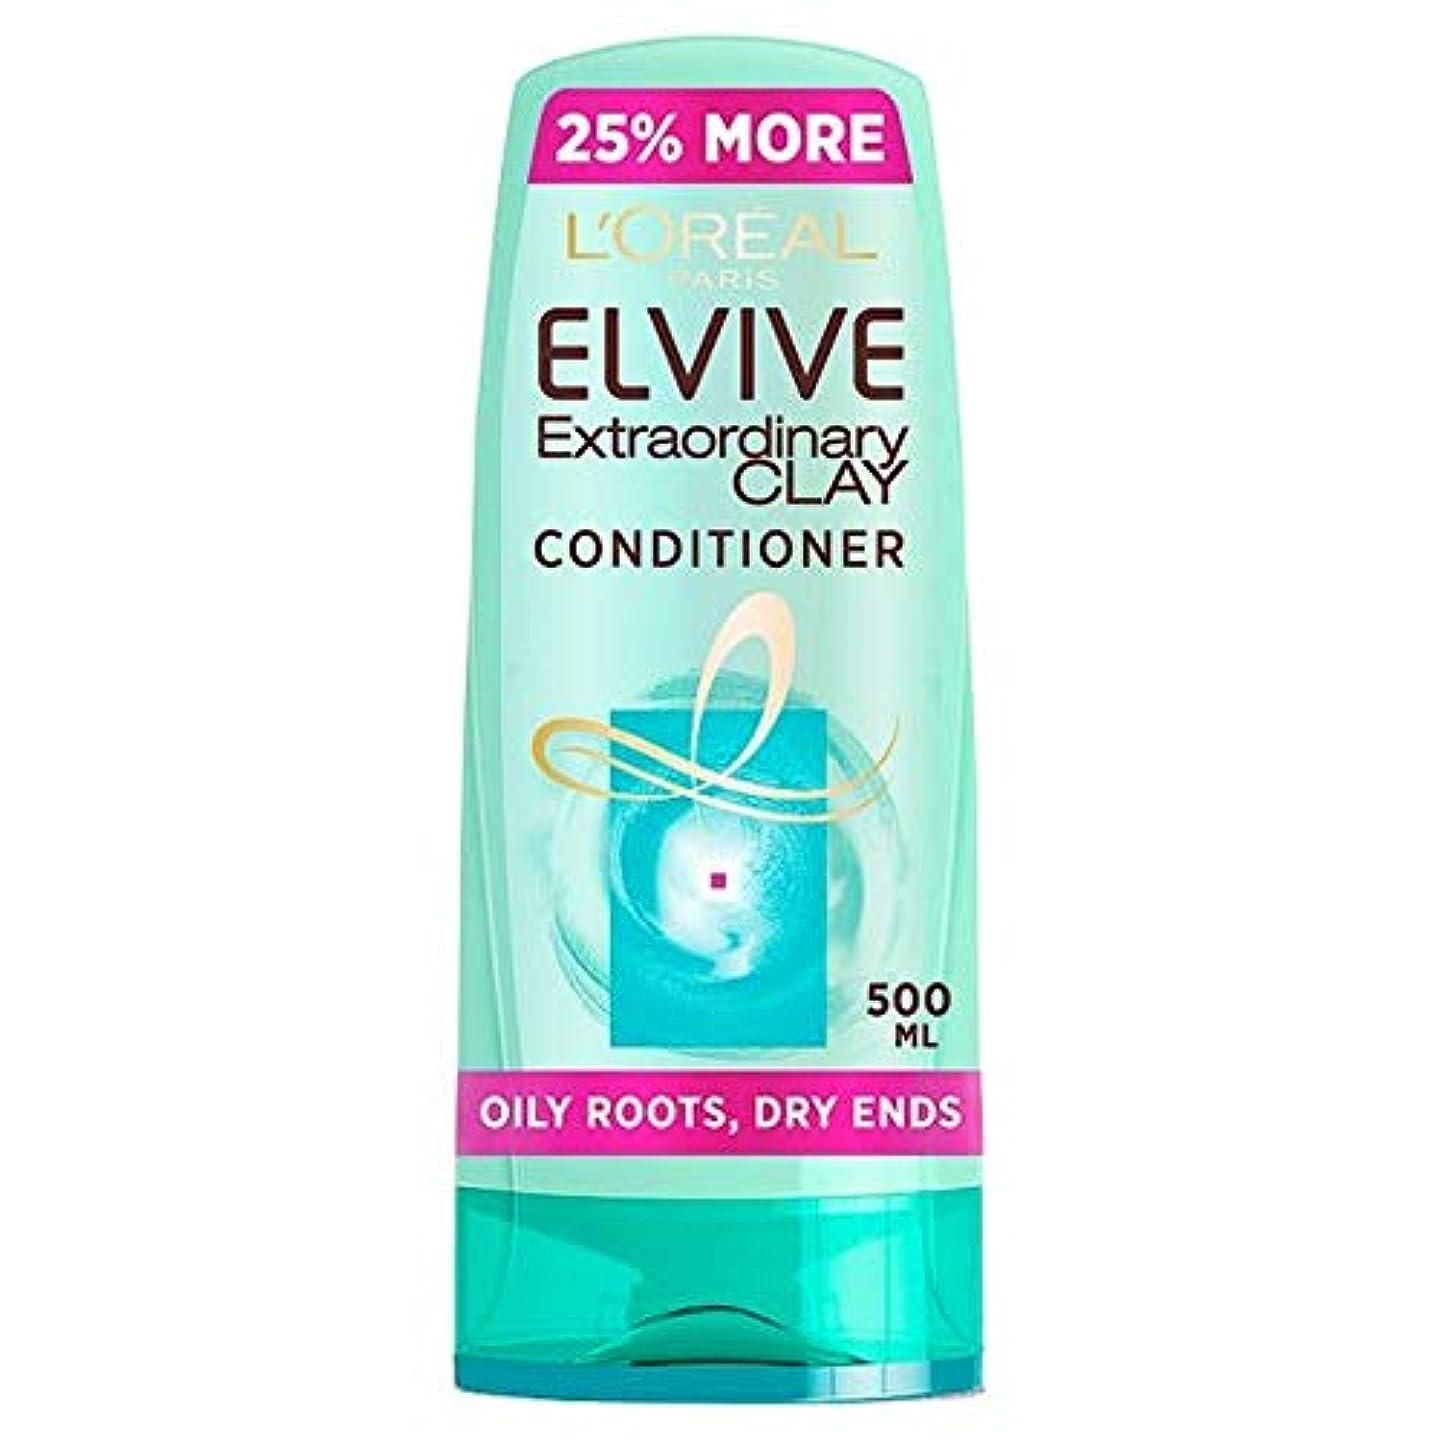 緊張アルカイック告白[Elvive] ロレアルのElvive粘土油性根コンディショナー500ミリリットル - L'oreal Elvive Clay Oily Roots Conditioner 500Ml [並行輸入品]